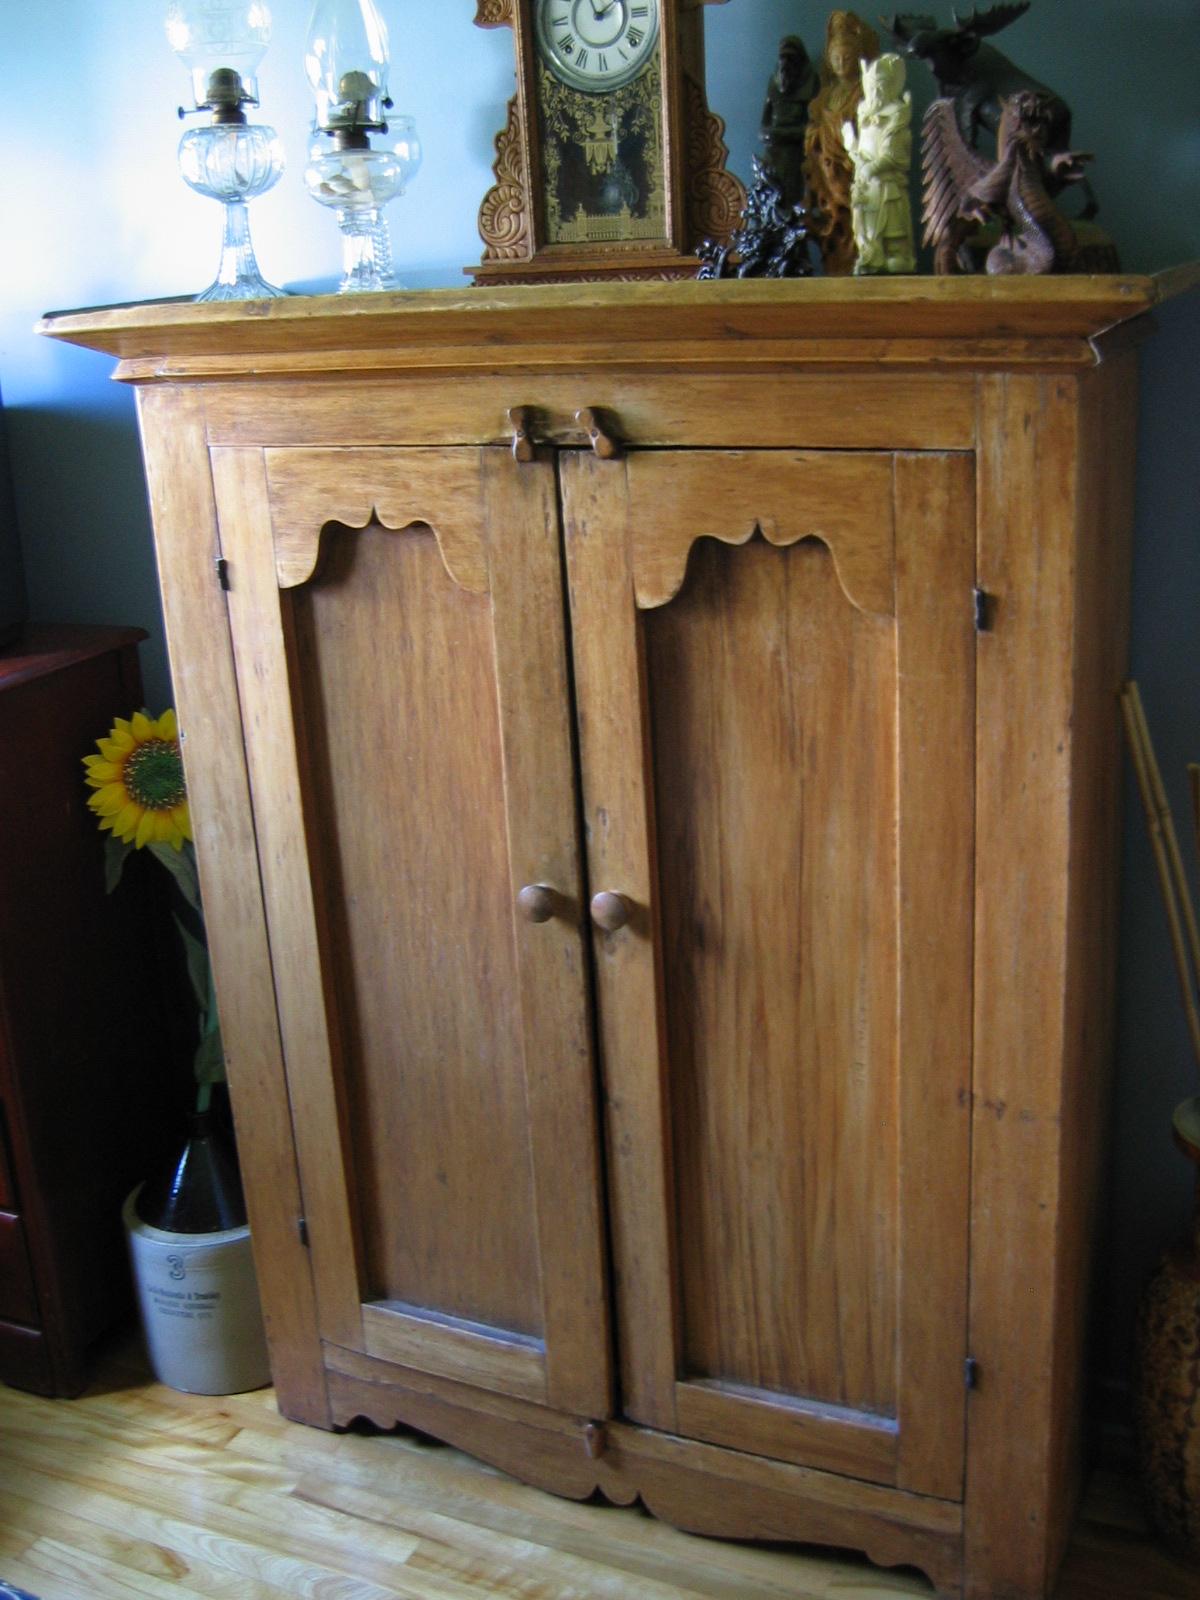 armoires antiquit s je me souviens. Black Bedroom Furniture Sets. Home Design Ideas